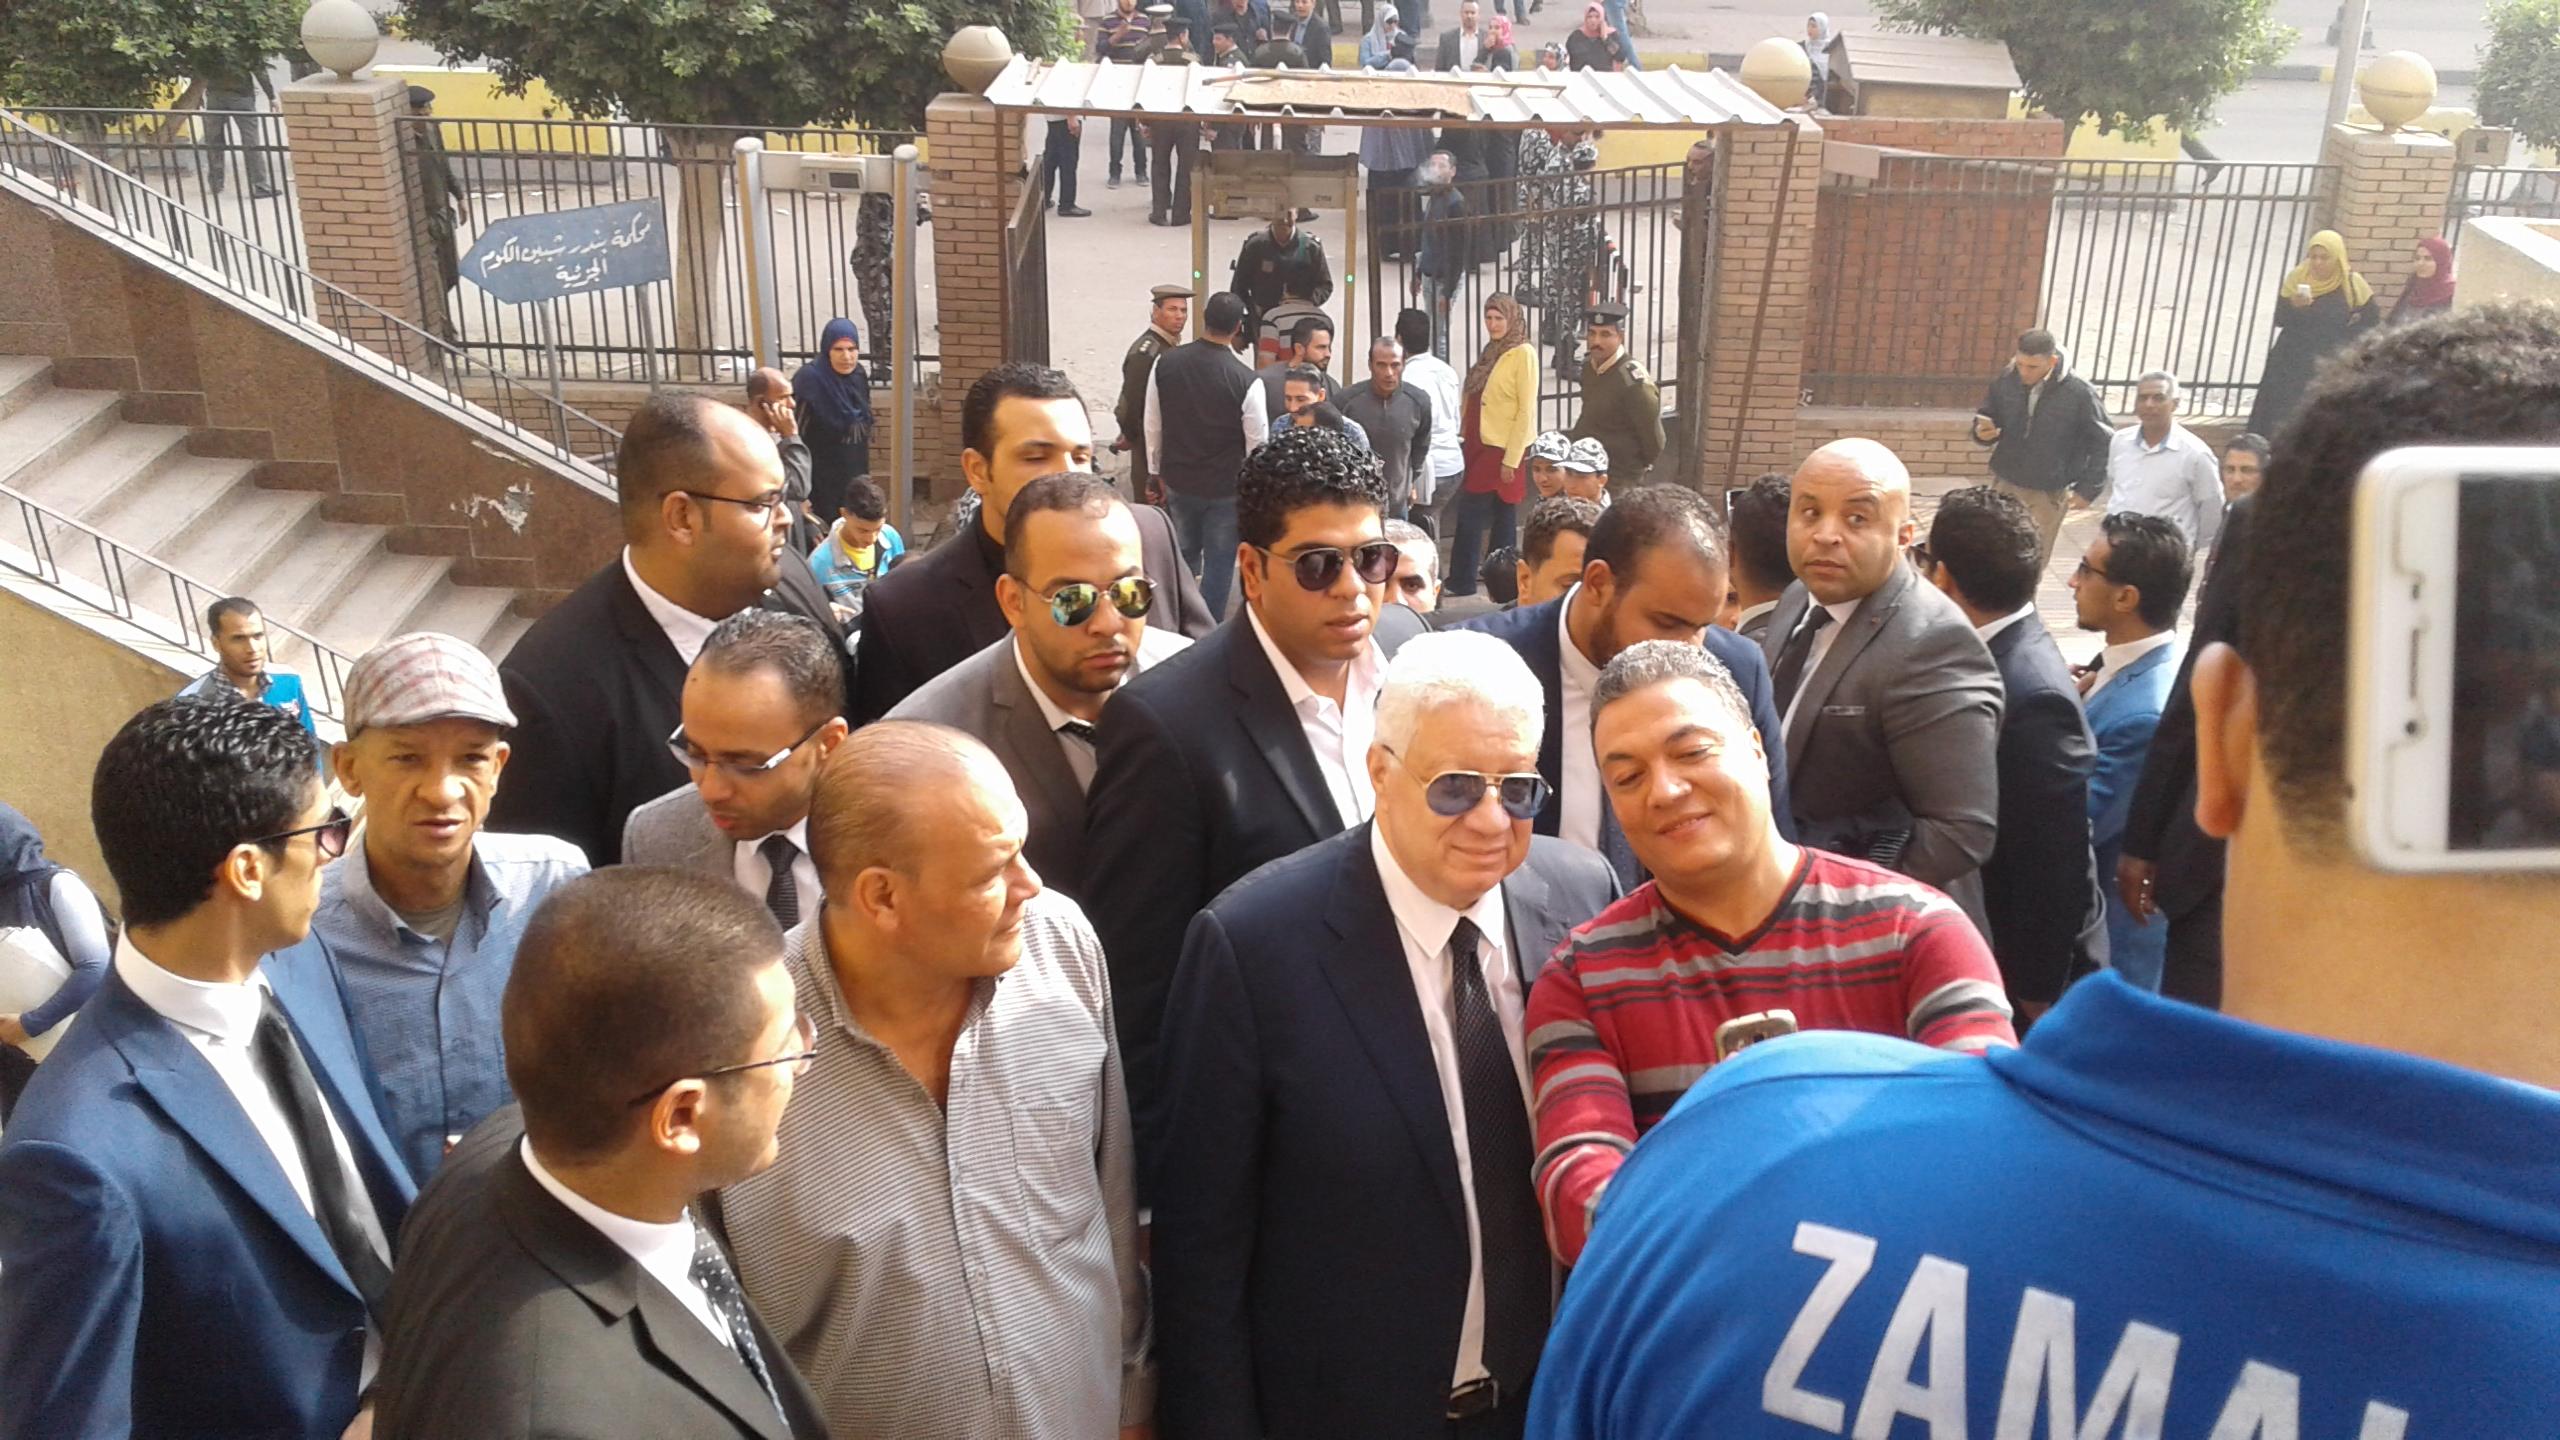 وصول مرتضى منصور لمحكمة شبين الكوم (5)